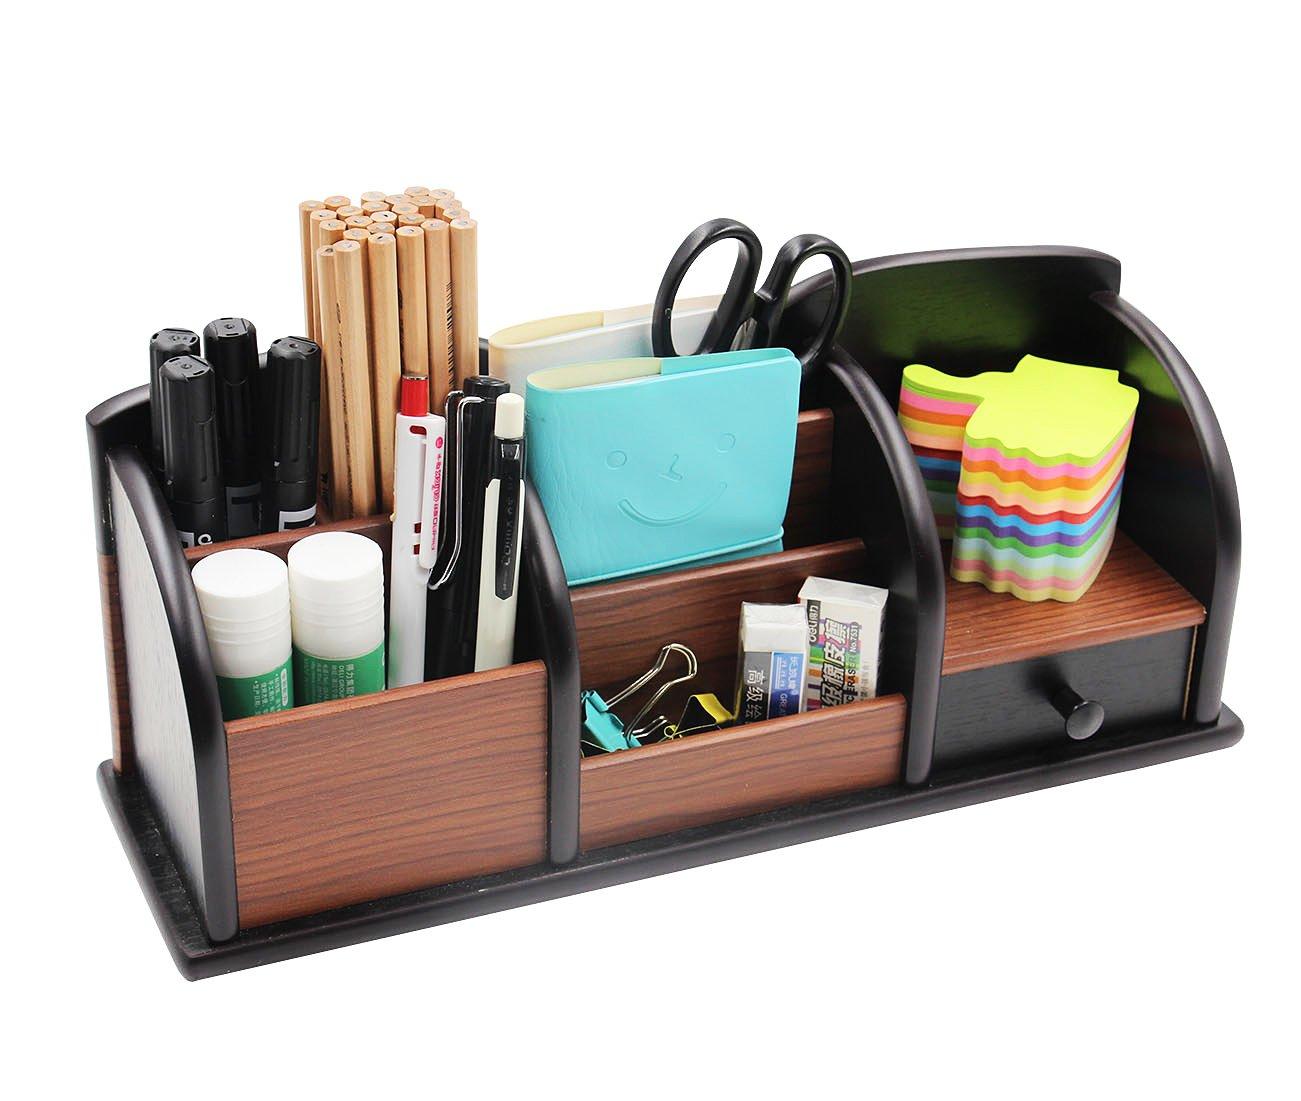 PAG Office Supplies Wood Desk Organizer Pen Holder Accessories Storage Caddy   eBay